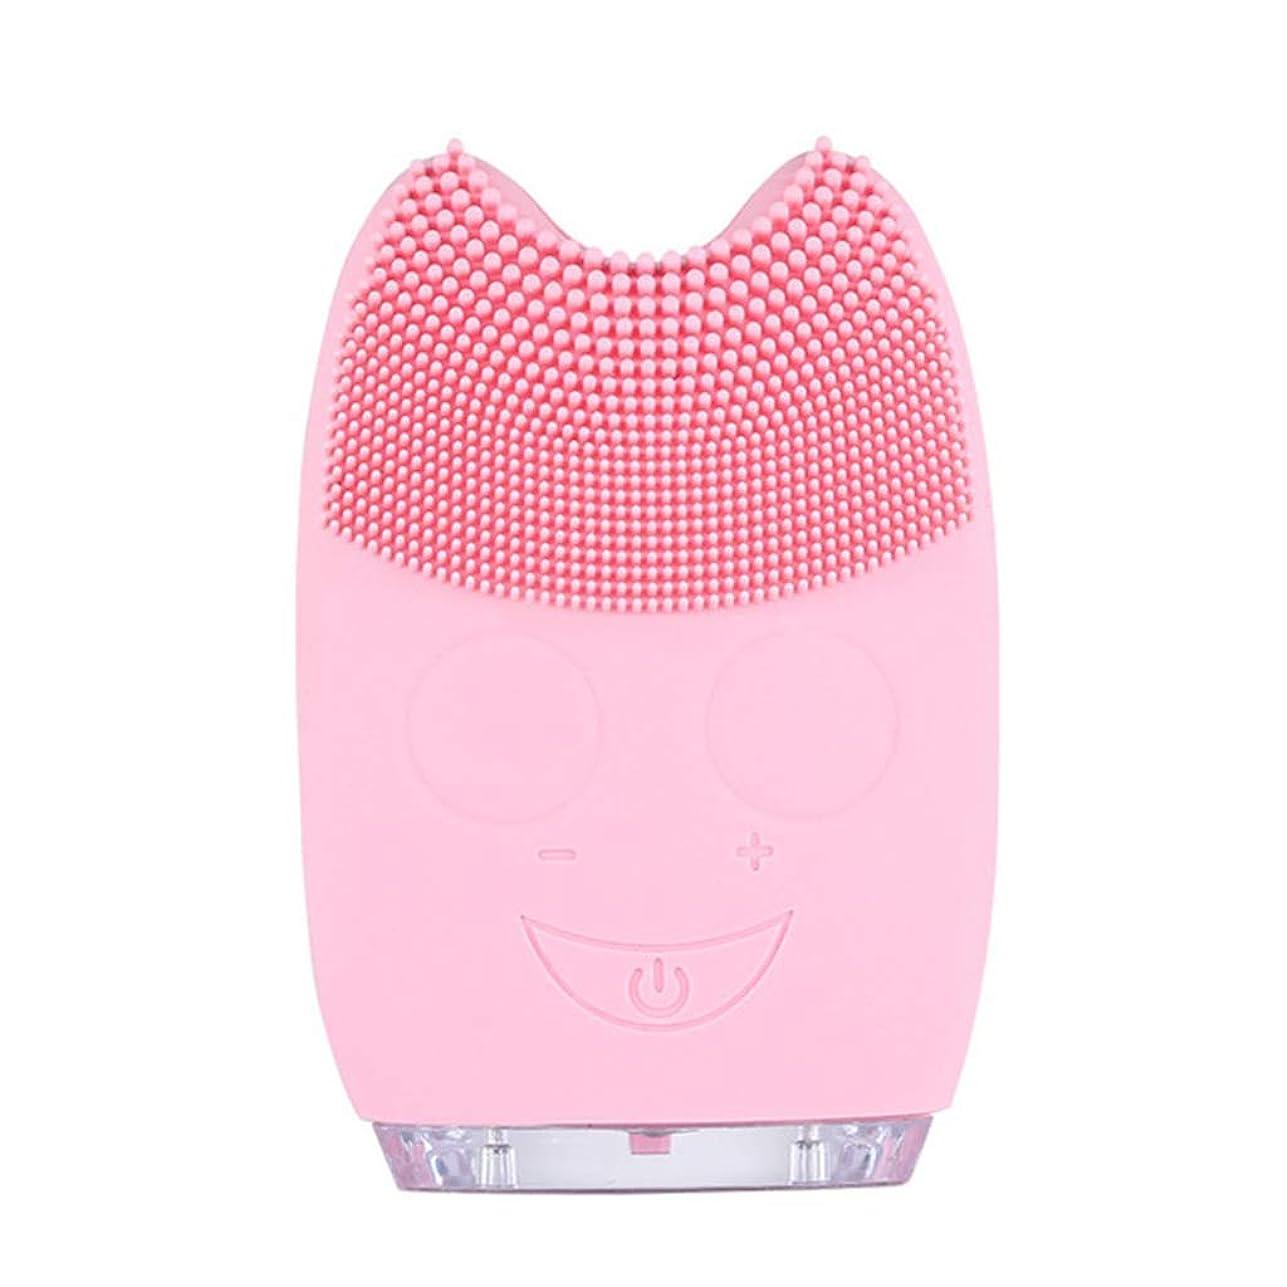 最愛の異なる情熱的Qi フェイシャルクレンザーブラシ、防水ミニ電動マッサージマシンシリコンフェイシャルクレンジングデバイスツール GQ (色 : Pink)